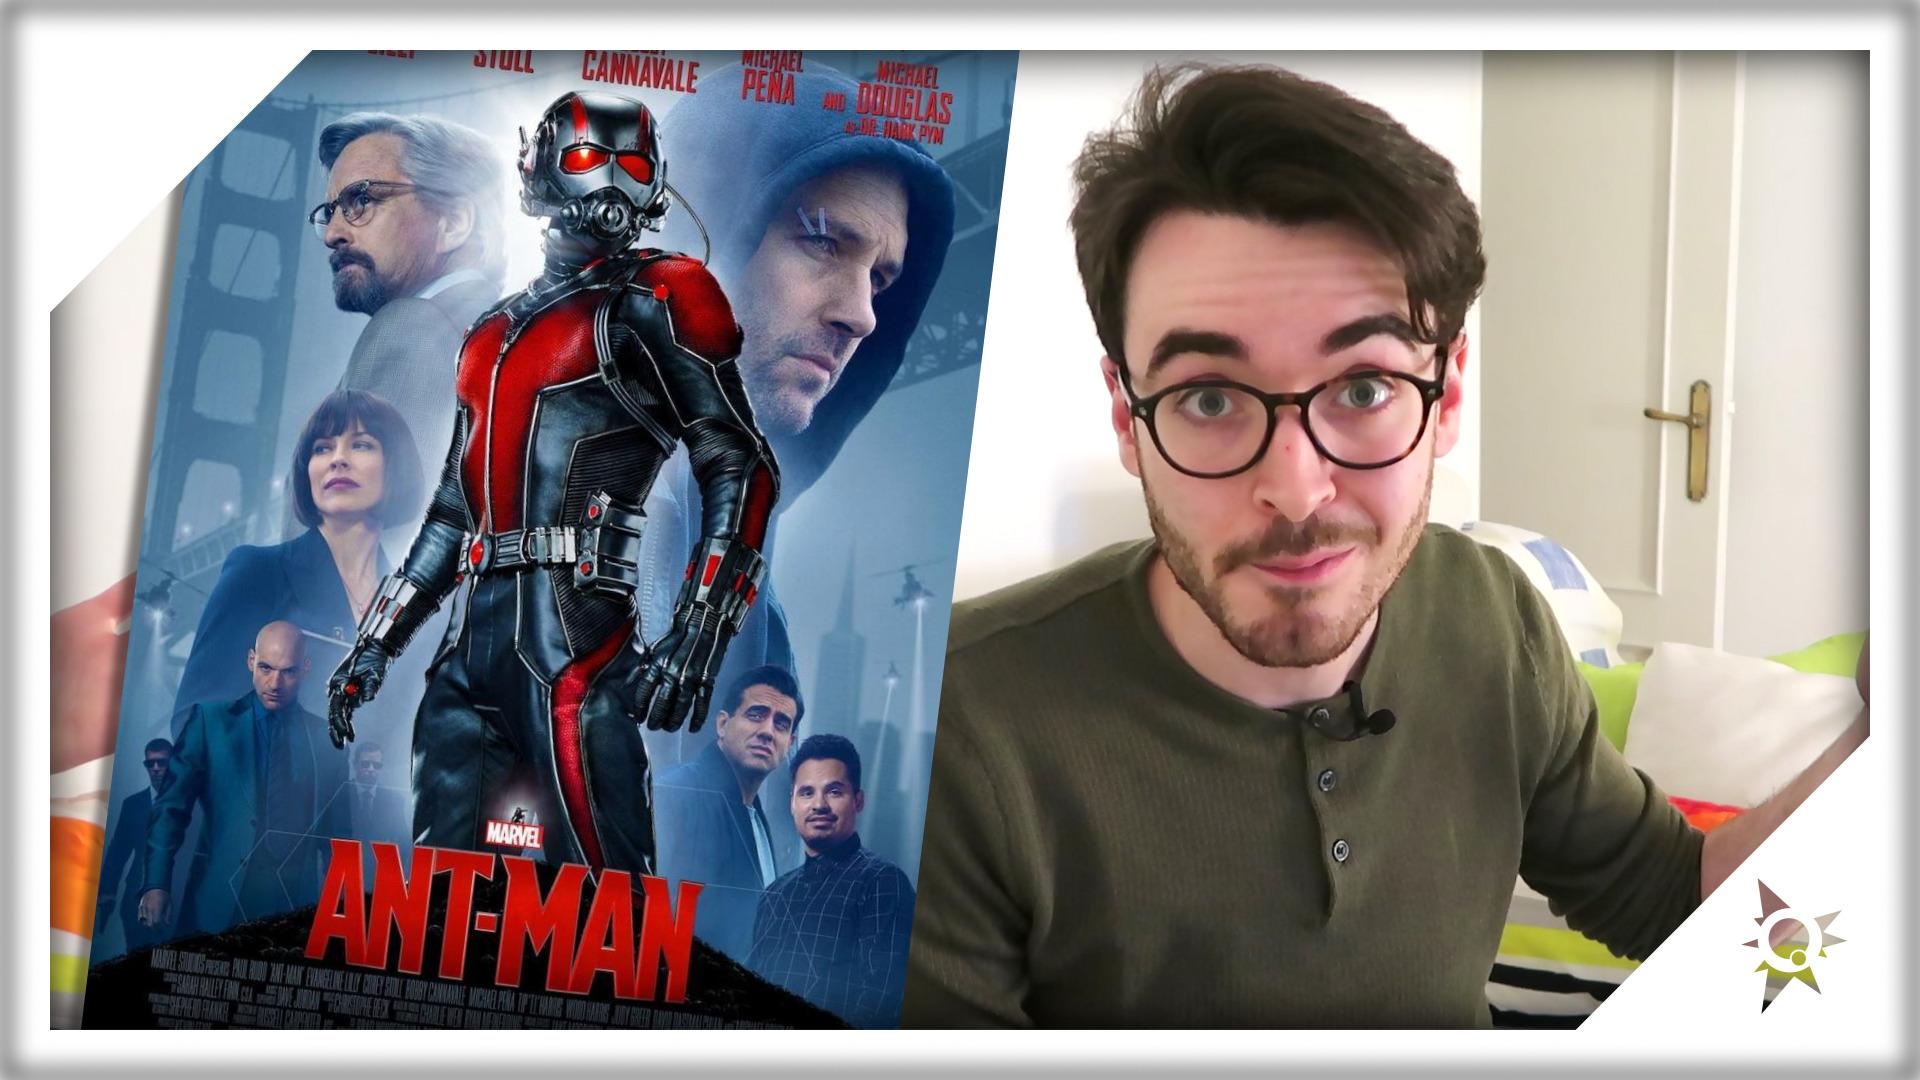 Temporada 1 La Ciencia de ANT-MAN